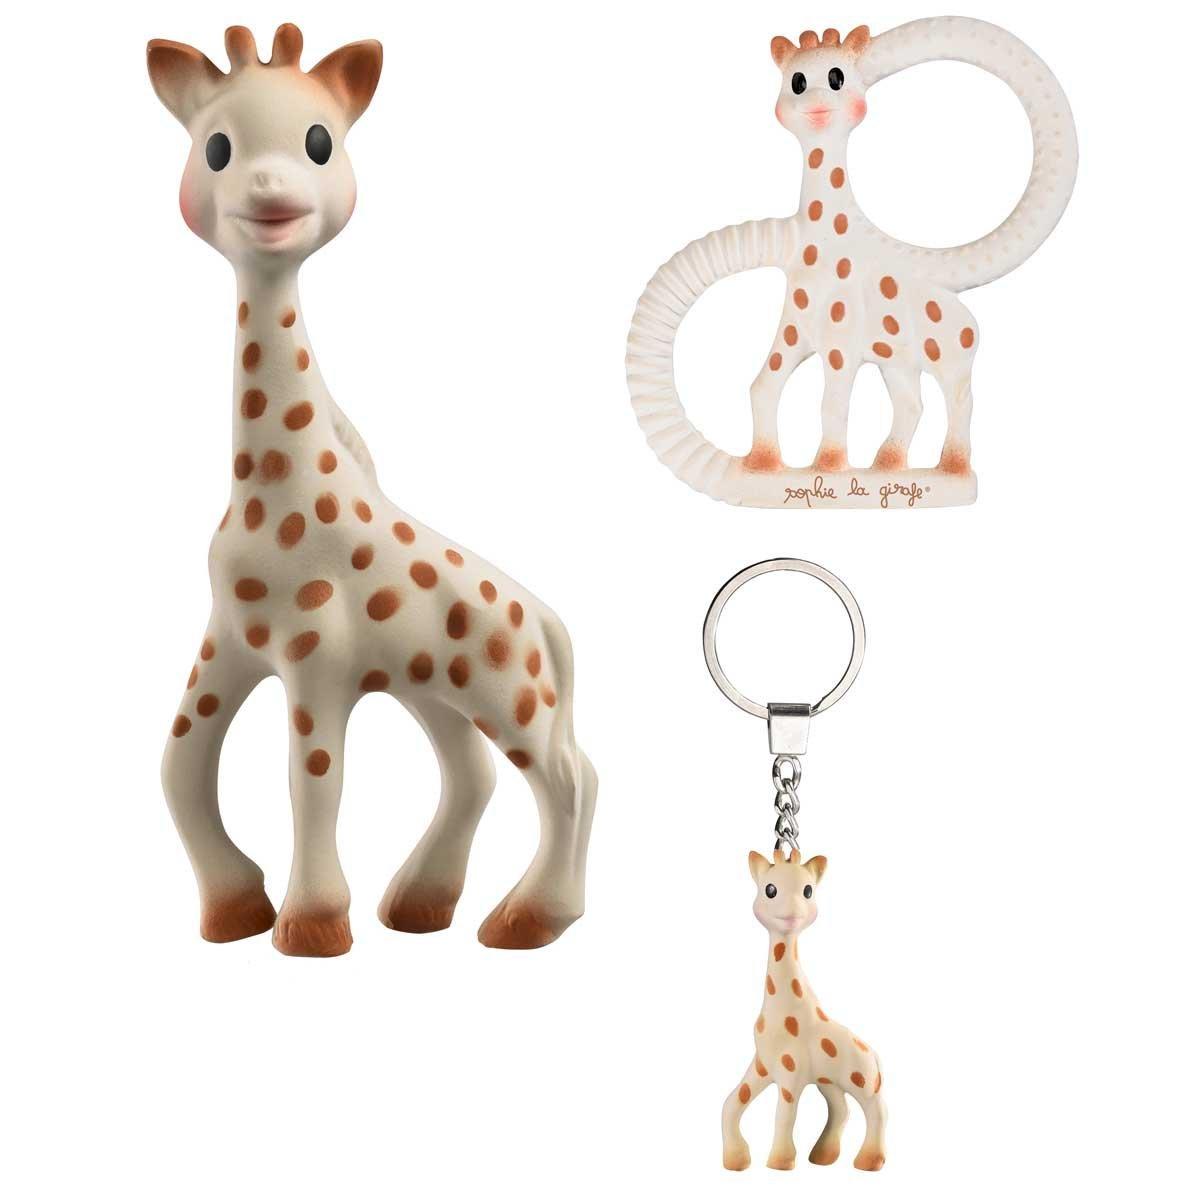 Vulli Набор игрушек-прорезывателей Жирафик Софи 3 в 1 - Все для детского кормления